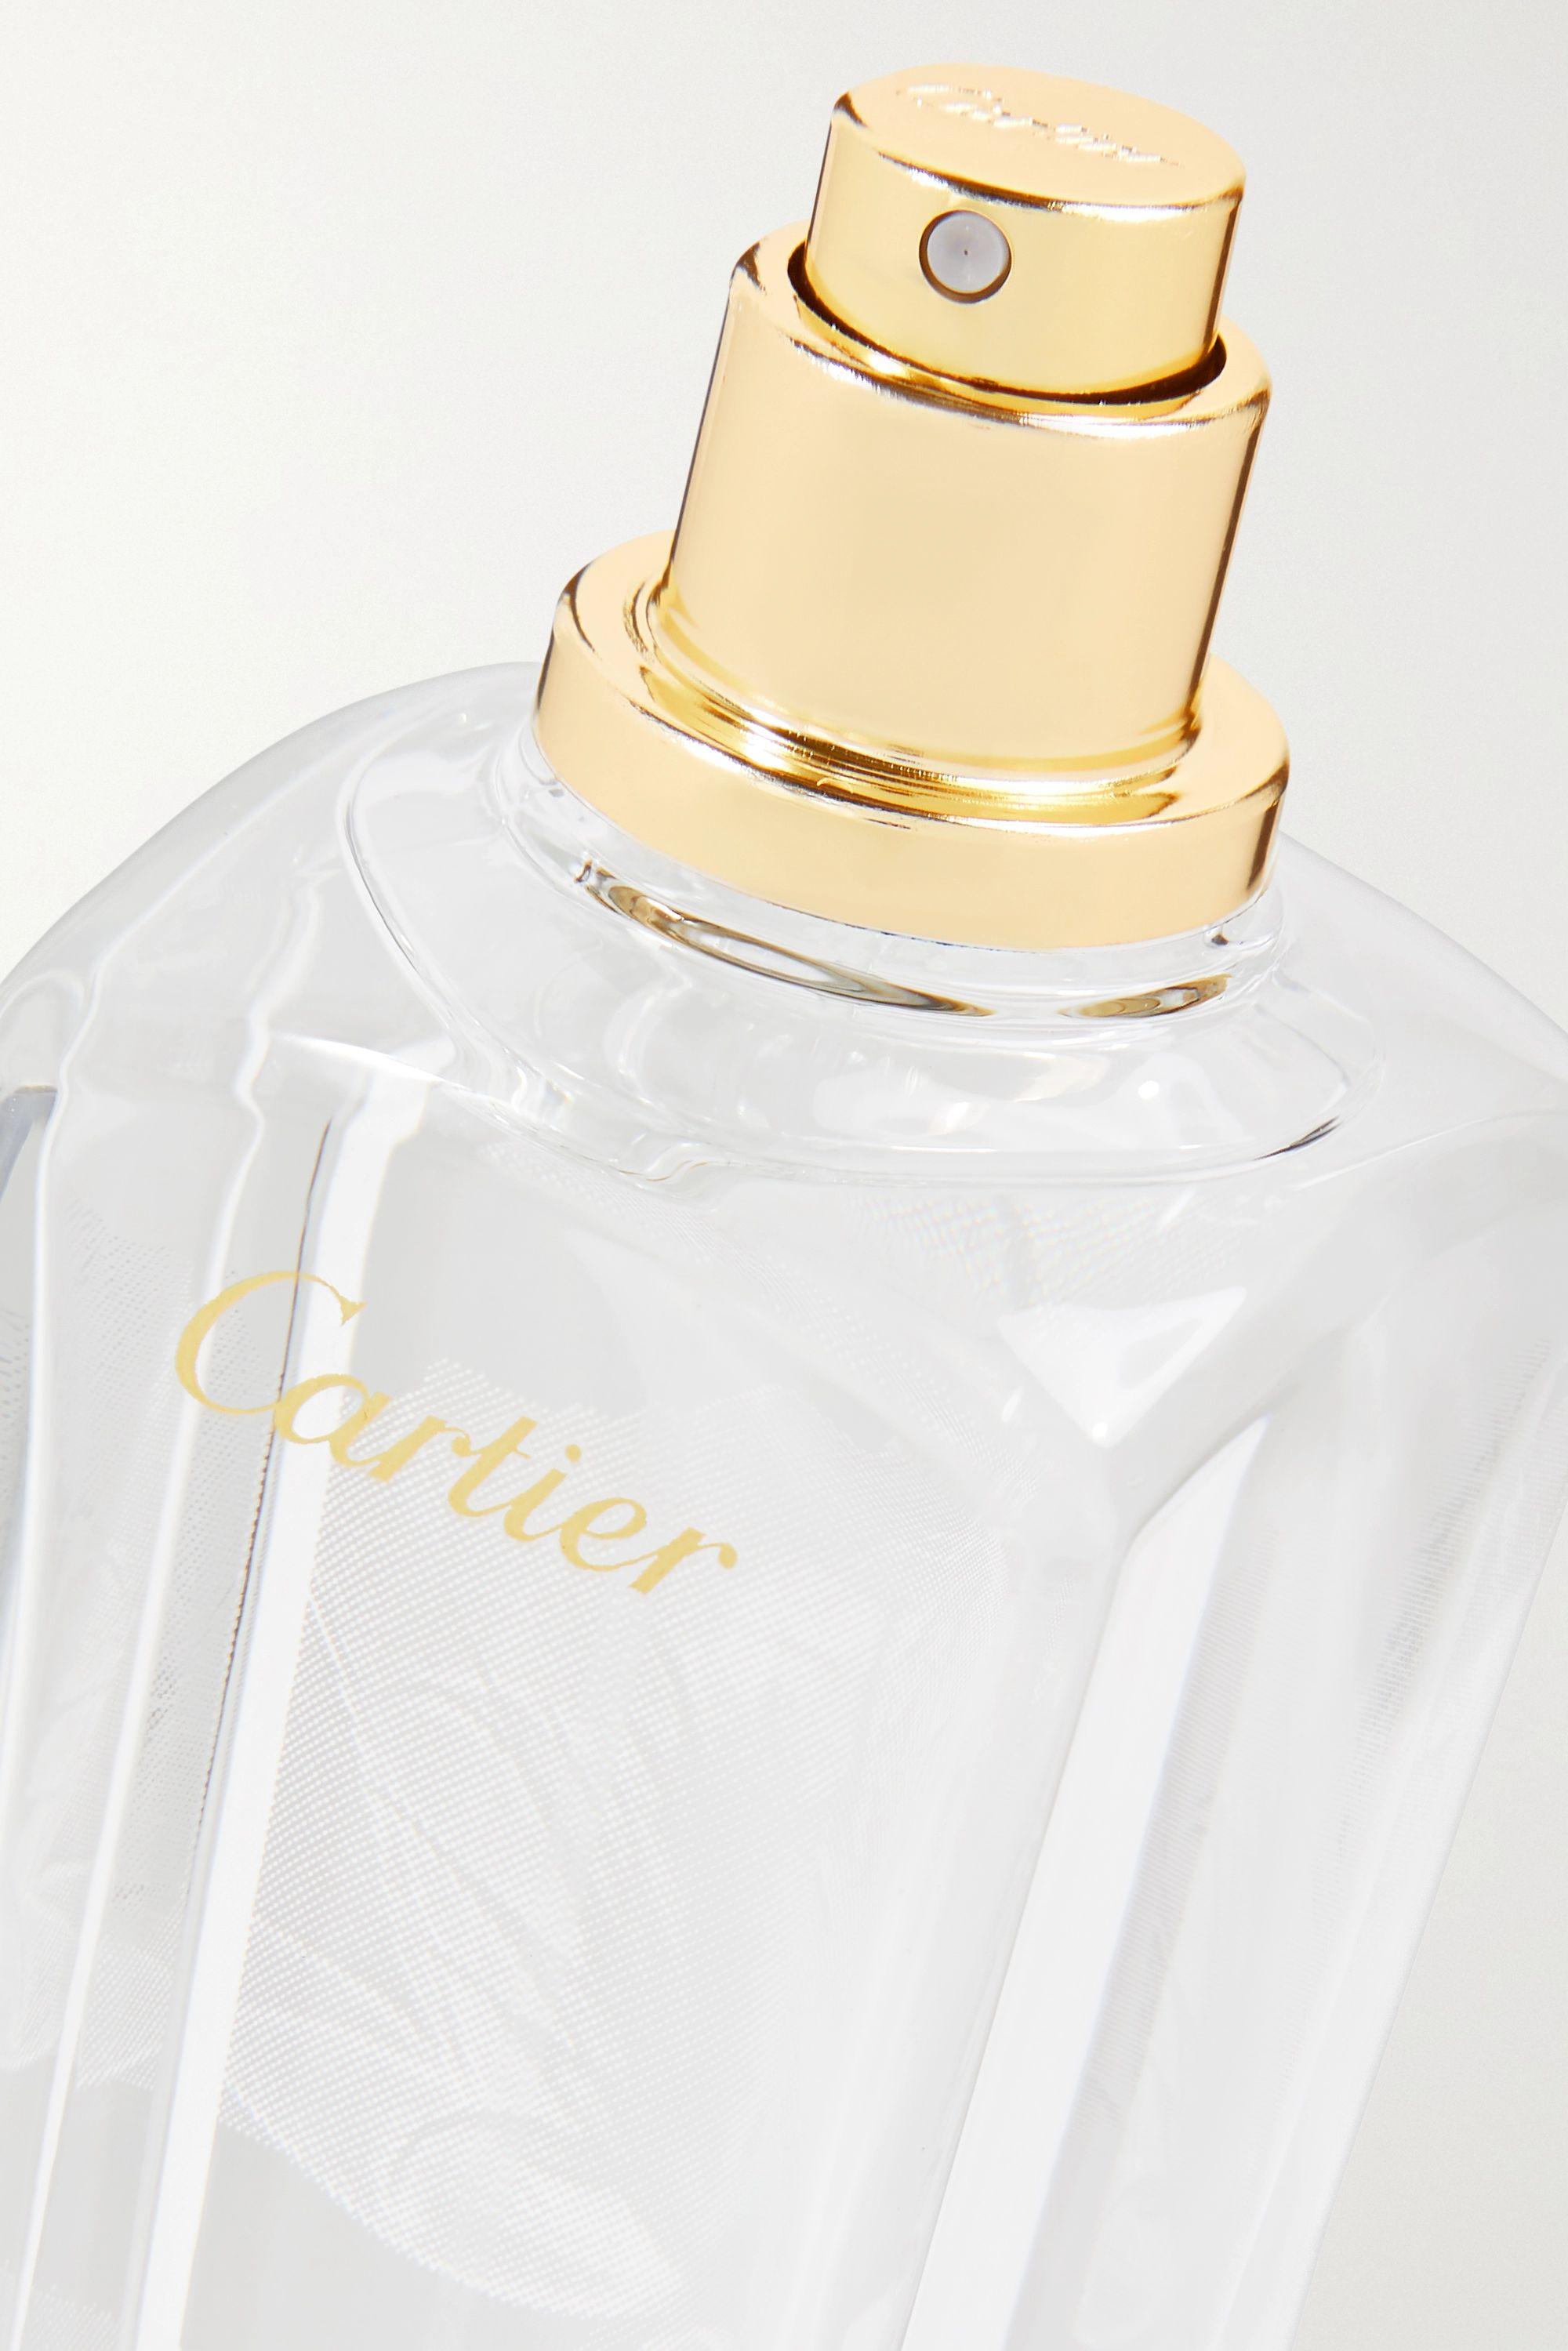 Cartier Perfumes Eau de Toilette - Pure Rose, 75ml